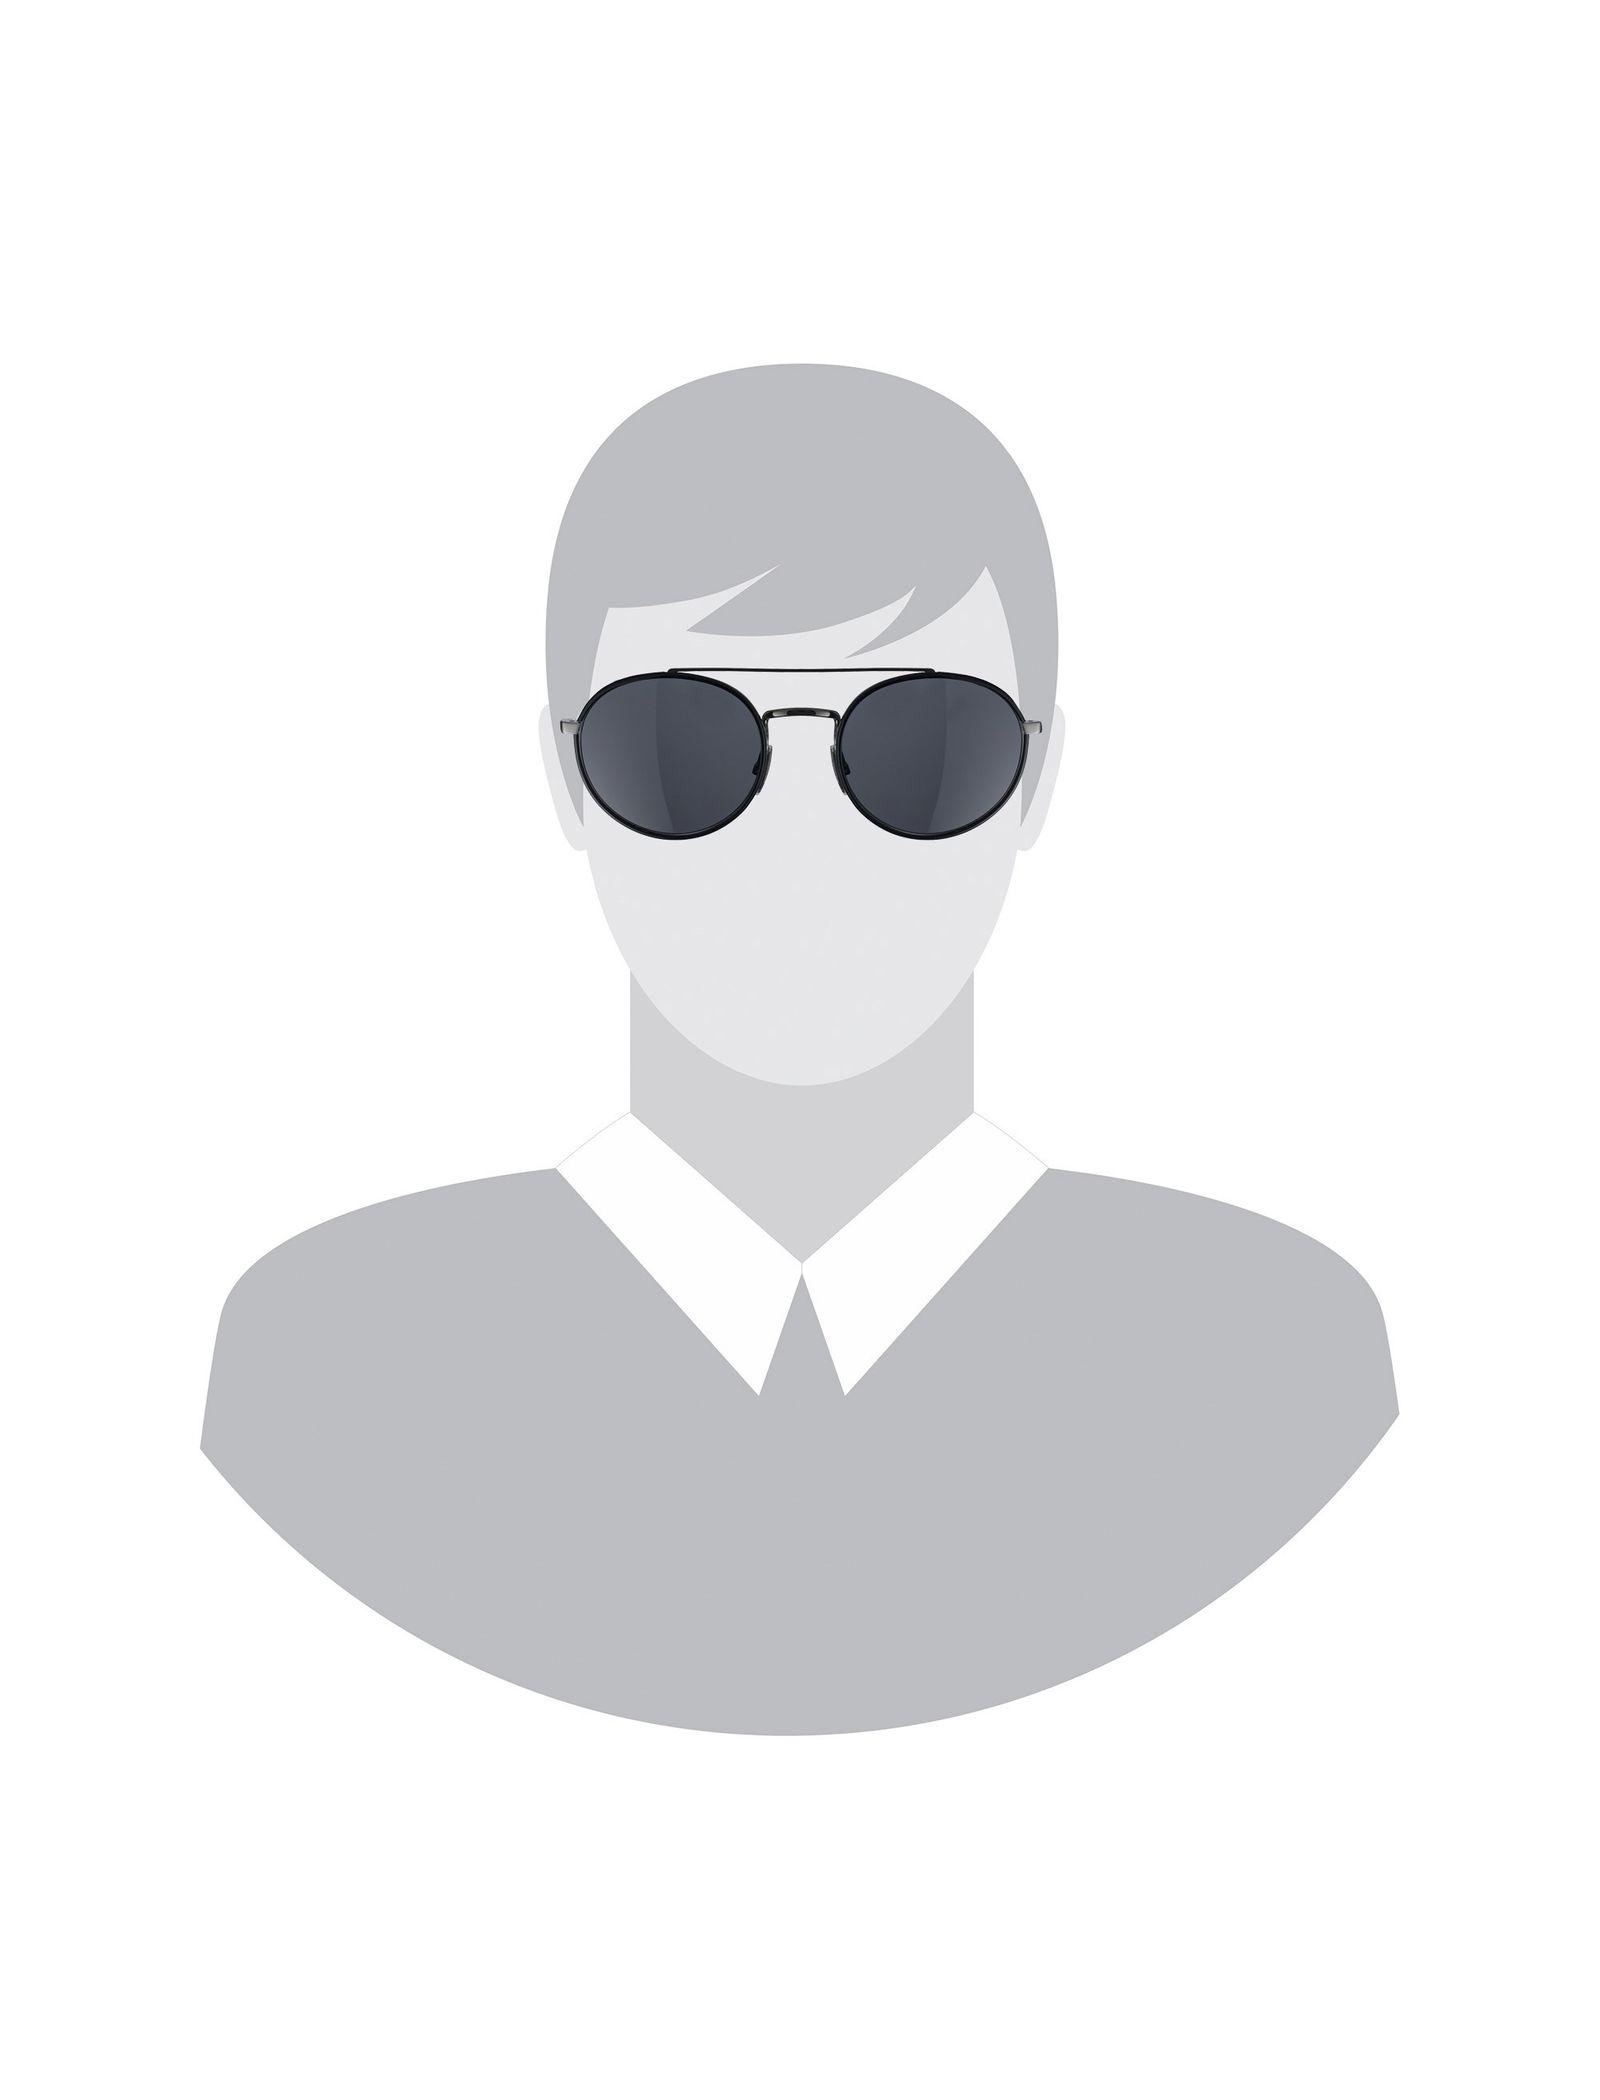 عینک آفتابی گرد مردانه - باس - مشکي - 7